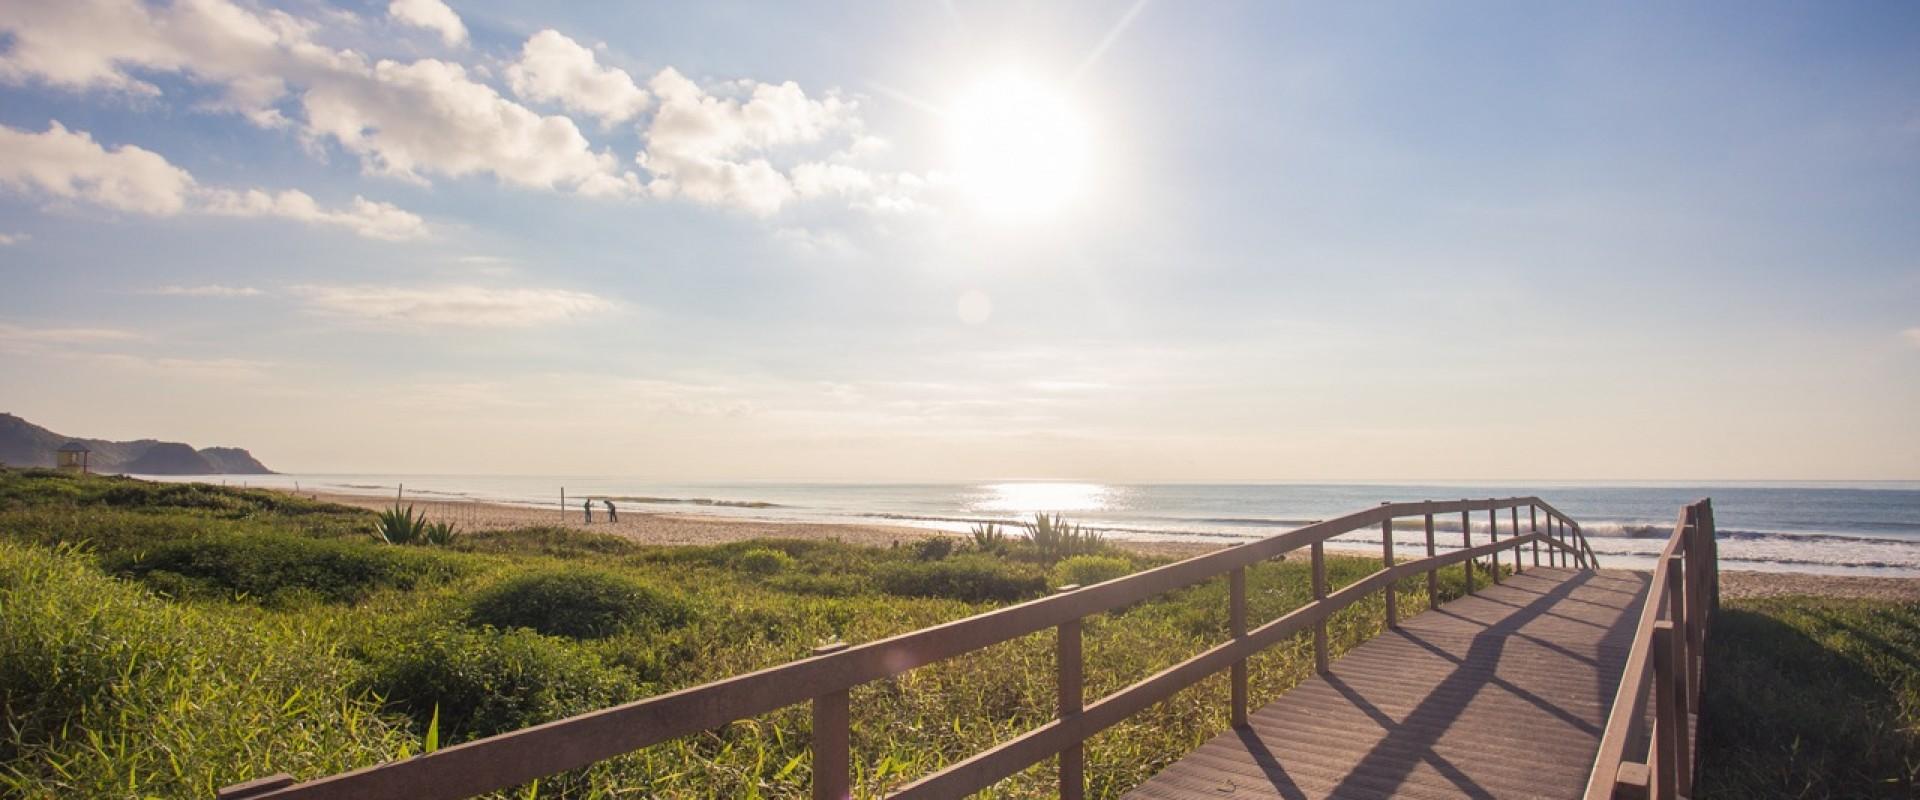 Amores da Brava Cobertura duplex vista mar no Amores da Brava na Praia Brava de Itajaí